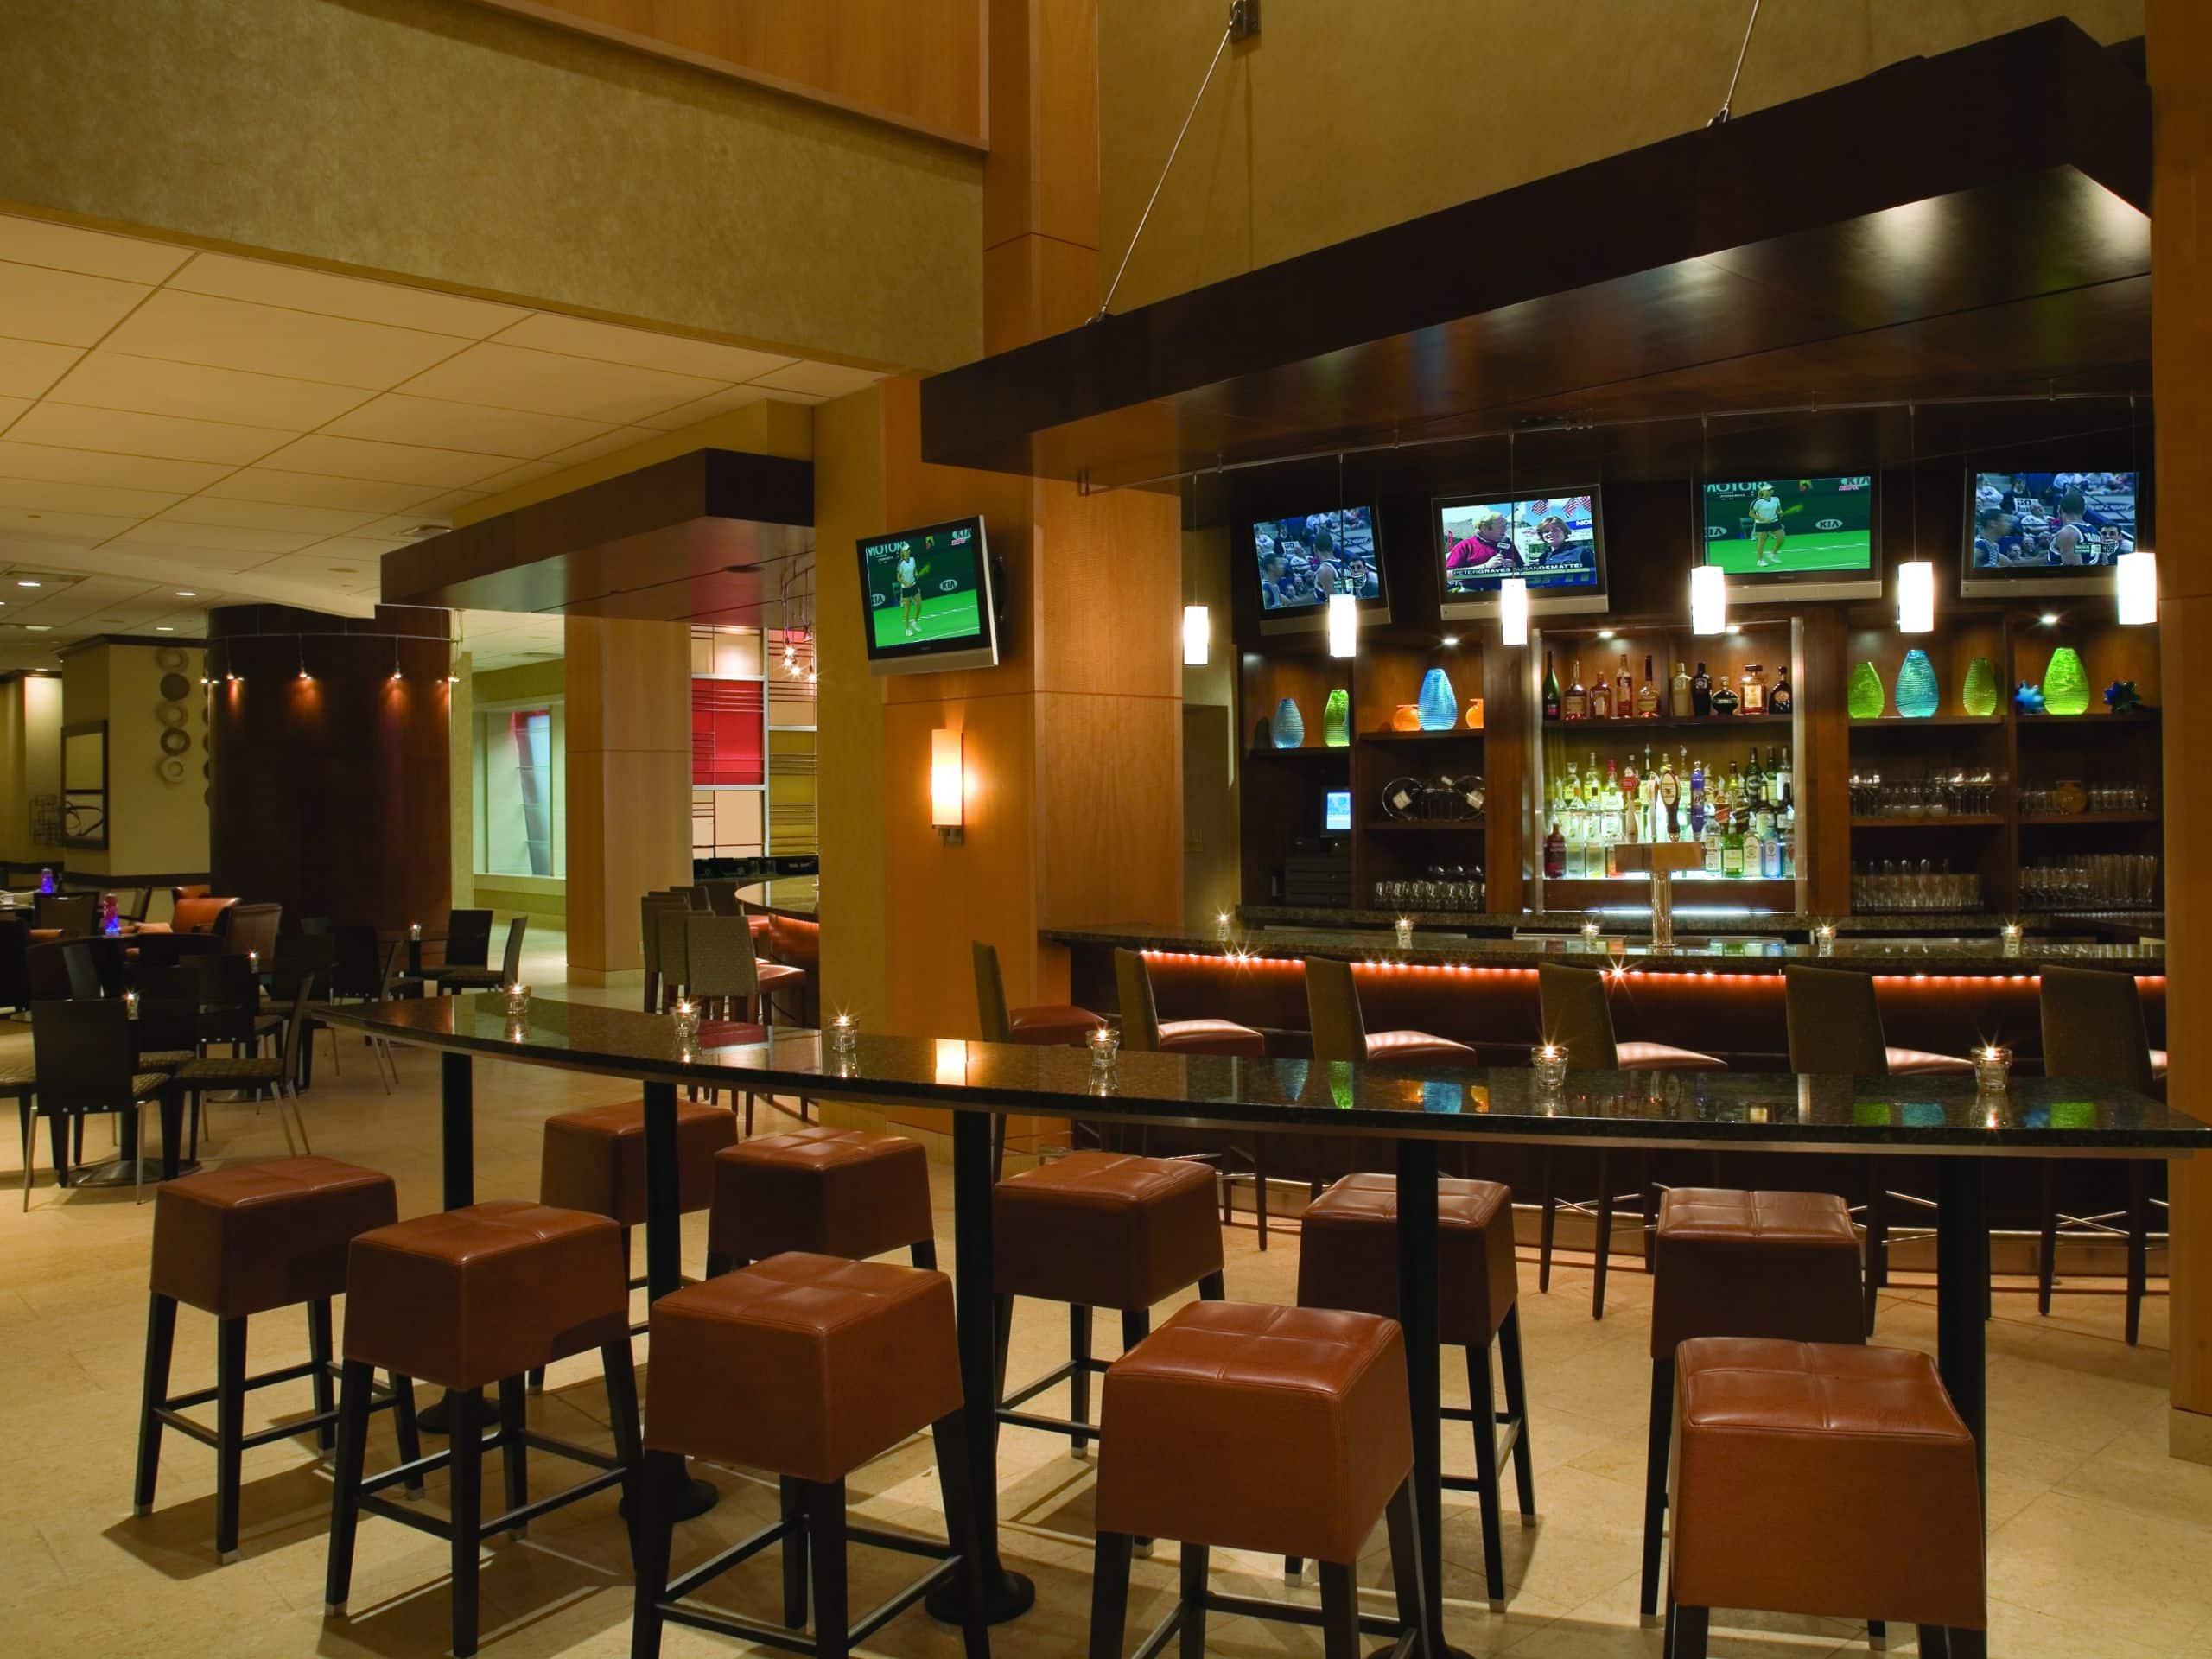 Restaurants And Bars In Morristown Nj Hyatt Regency